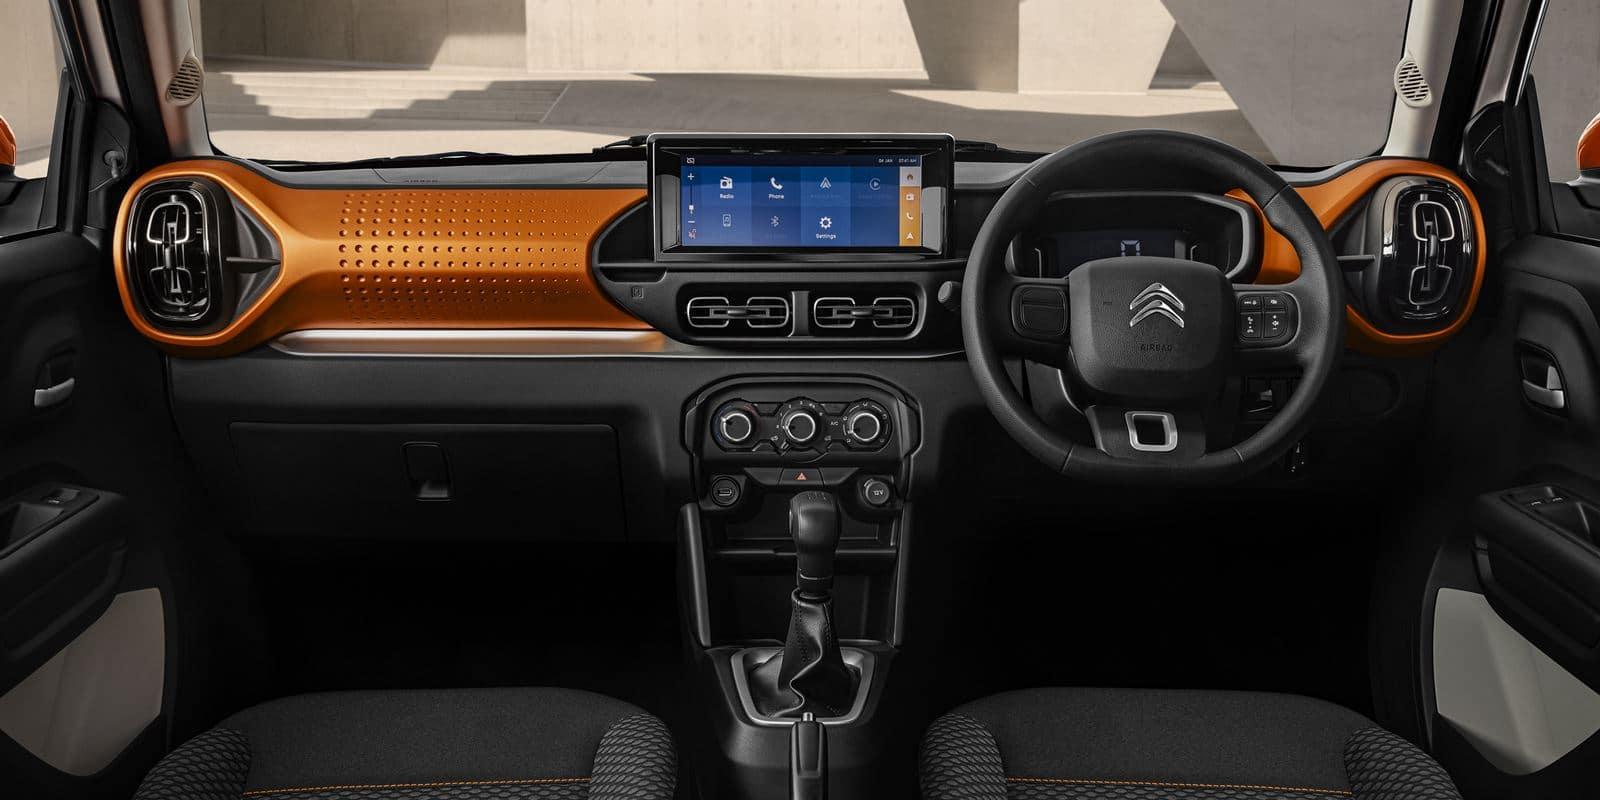 Citroën C3 interior